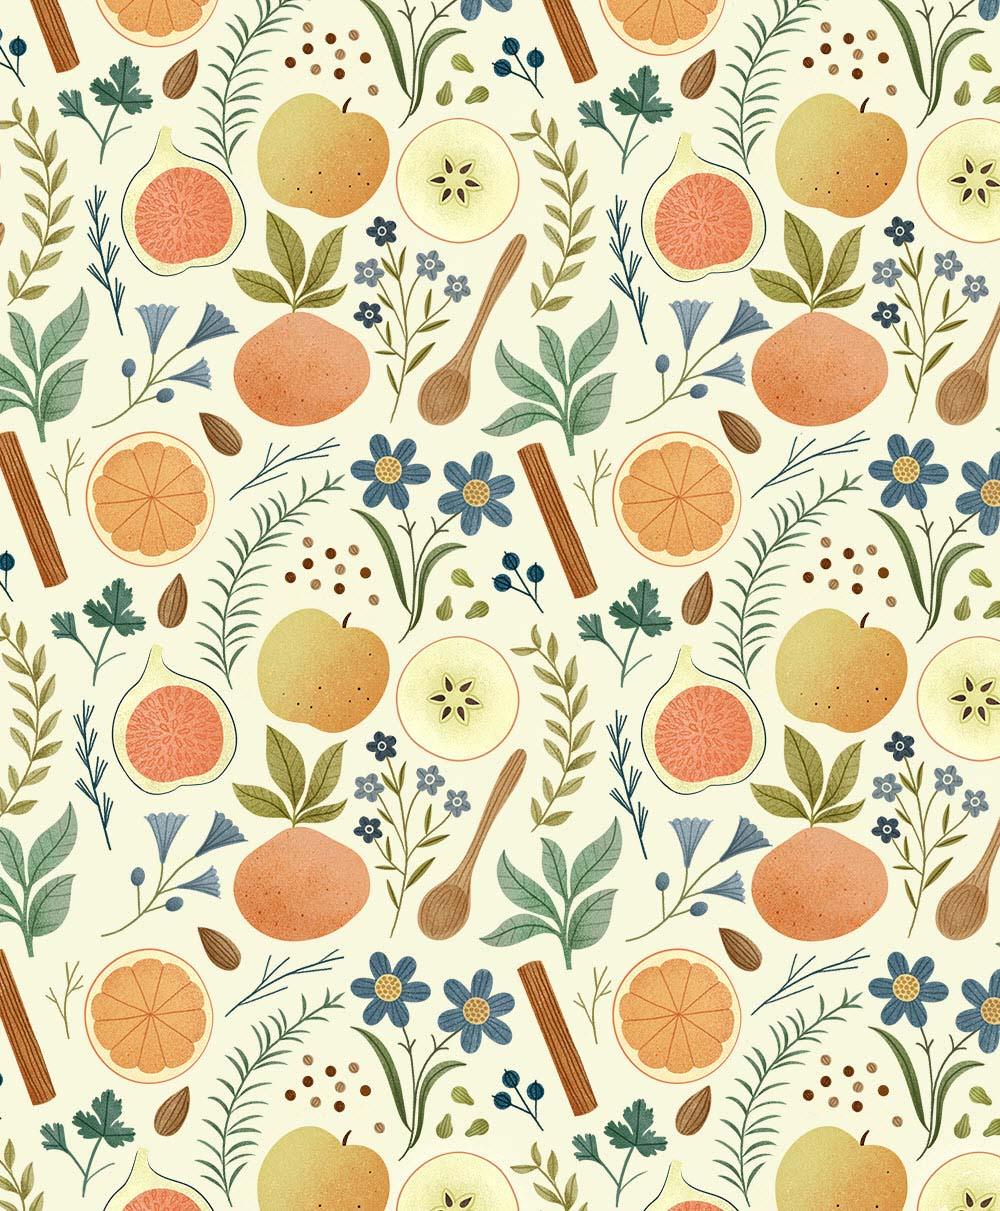 Kitchen Wallpaper. Illustration by Clare Owen.